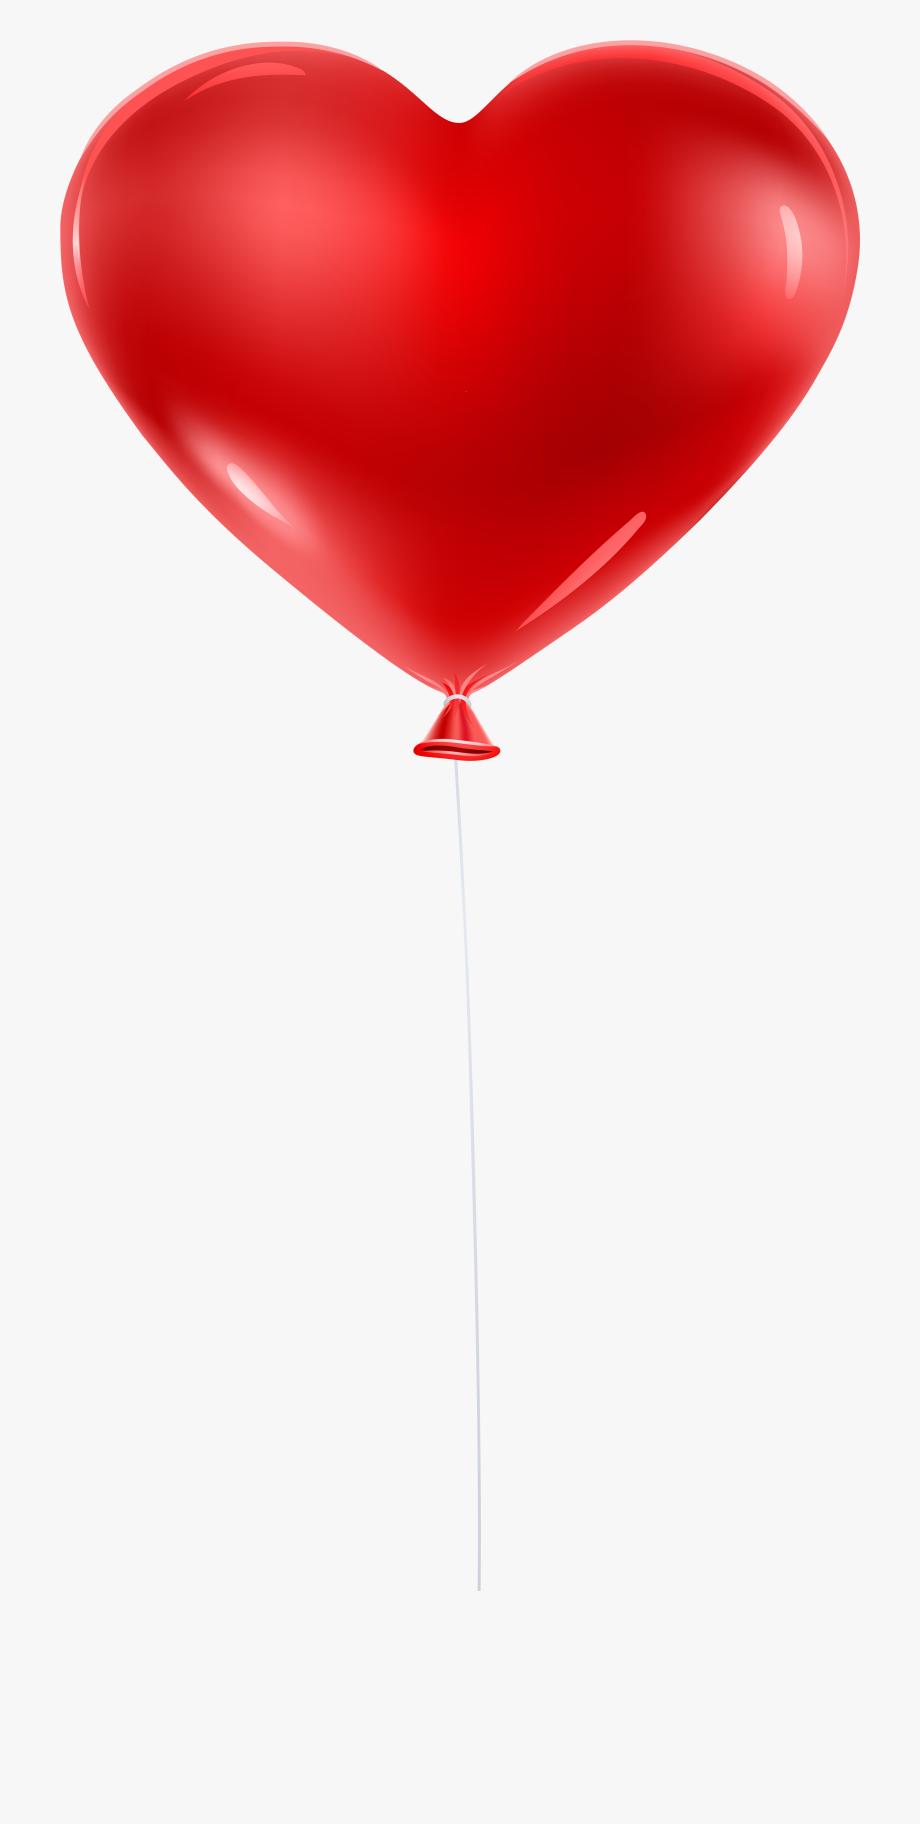 Red Balloon Heart Transparent Clip Art.